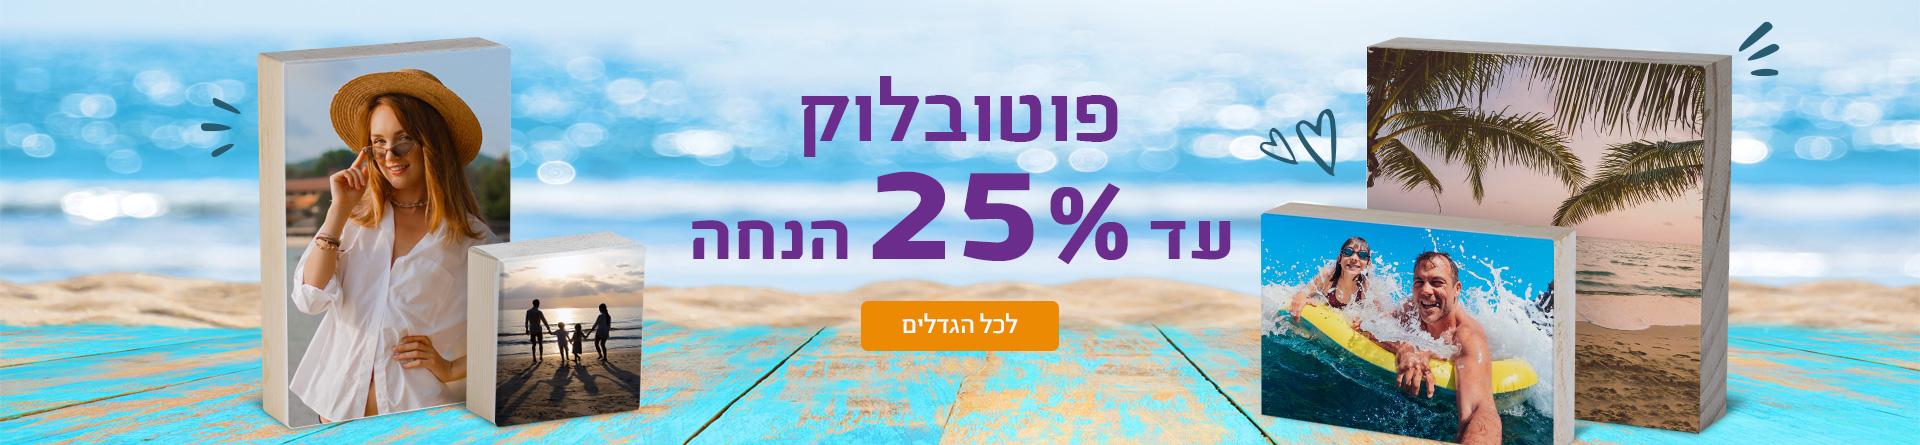 פוטובלוק עד 25% הנחה- אוגוסט 4.8